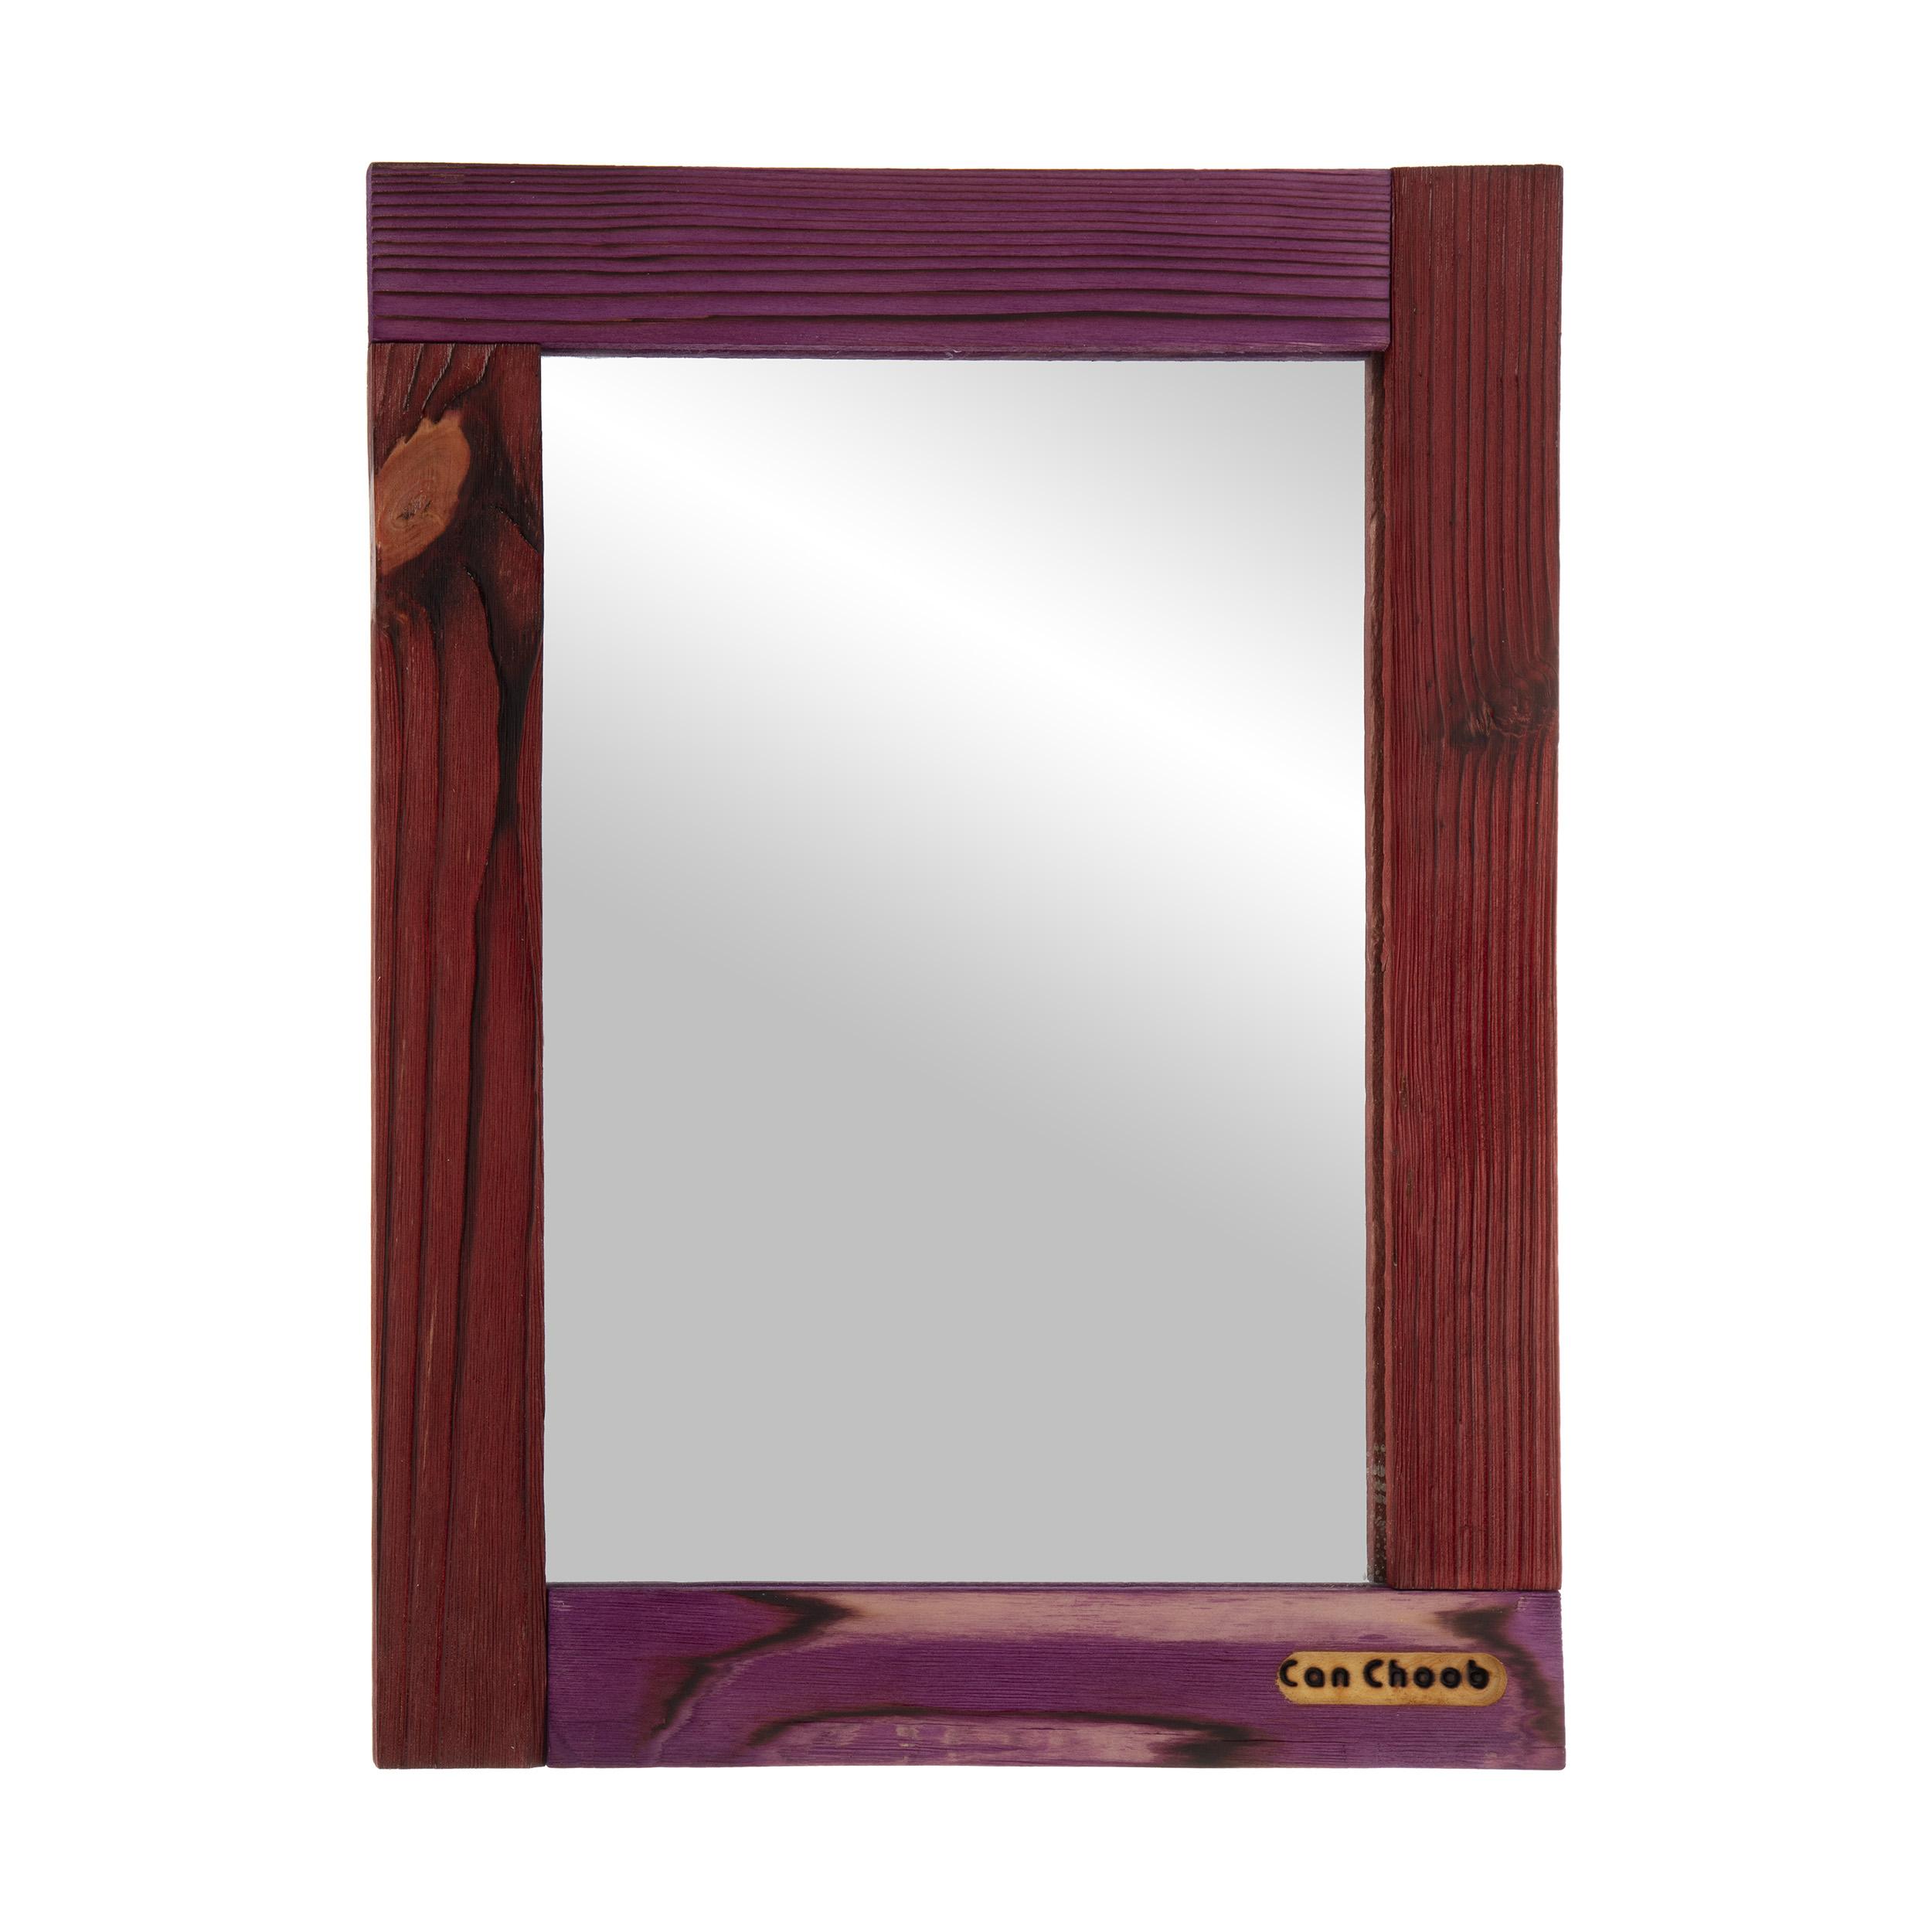 آینه کن چوب مدل آبگینه